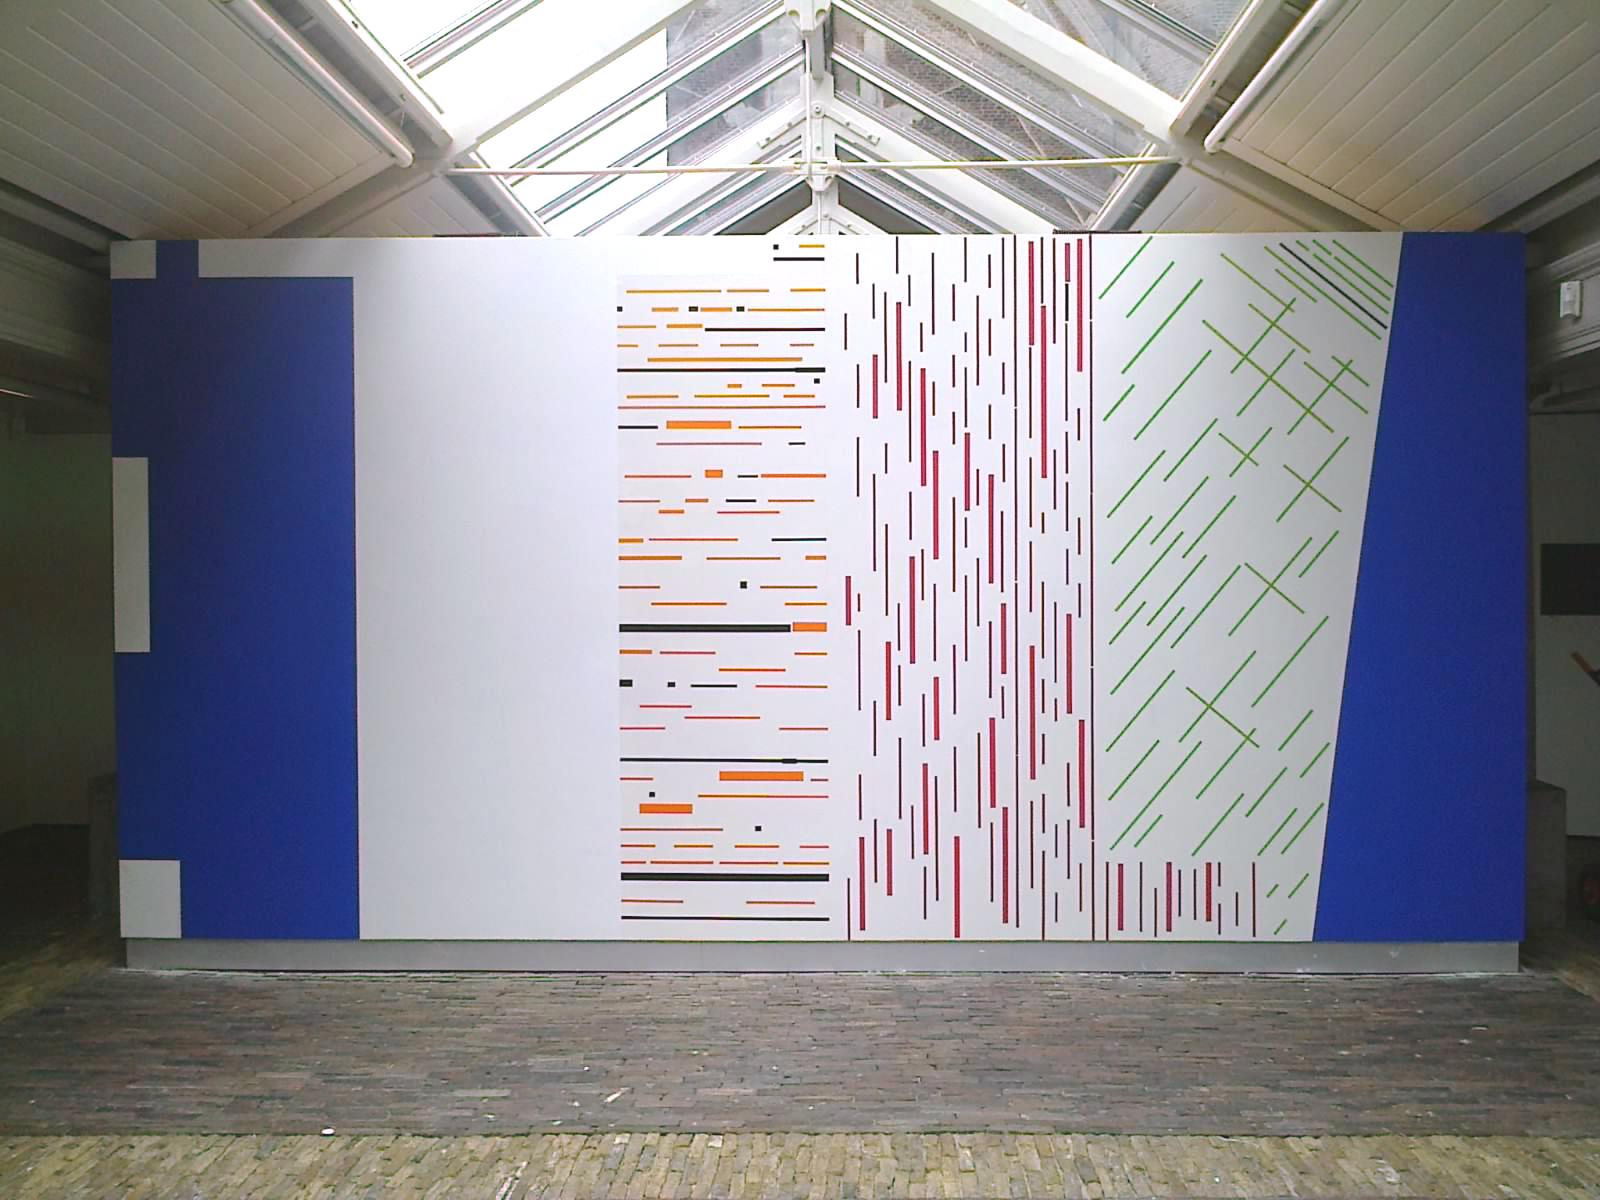 CROSSOVER, 09.08 - 21.09.2014, De Vishal, Haarlem / wallpainting / 518 x 270 cm / wallpaint + coloured vinyl foil